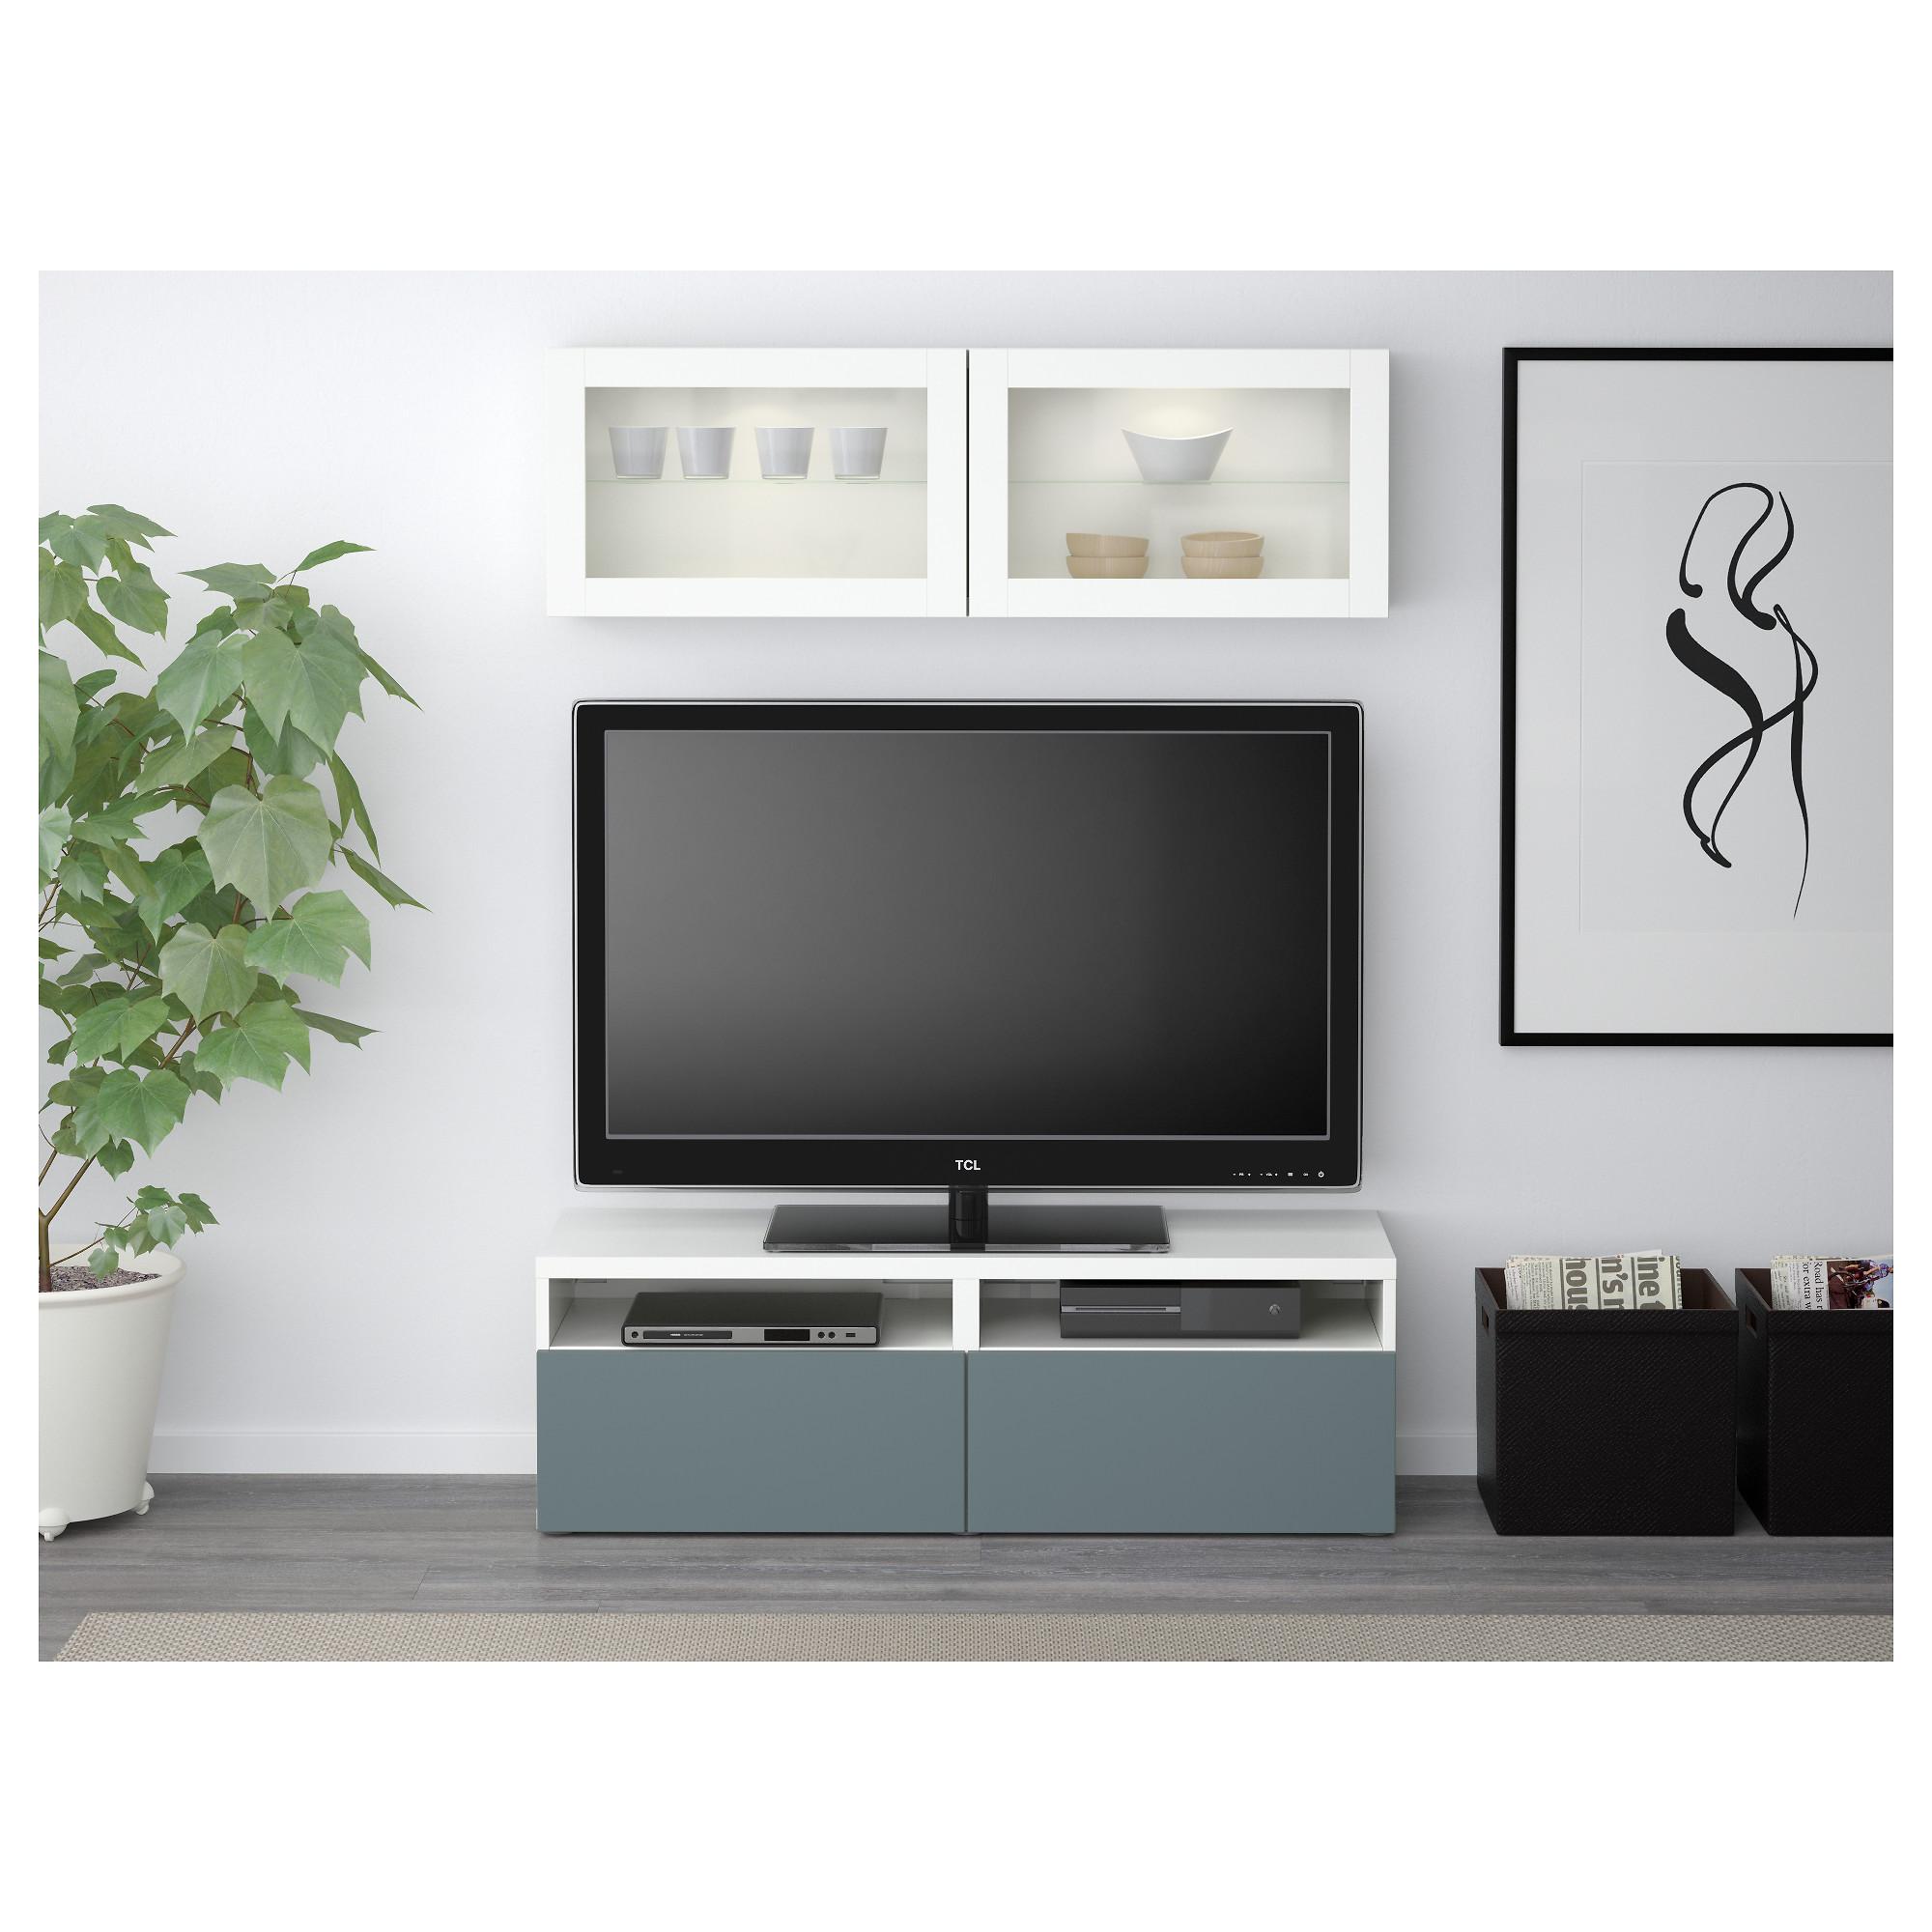 Шкаф для ТВ, комбинированный, стекляные дверцы БЕСТО белый артикуль № 092.504.95 в наличии. Интернет сайт IKEA Беларусь. Быстрая доставка и соборка.